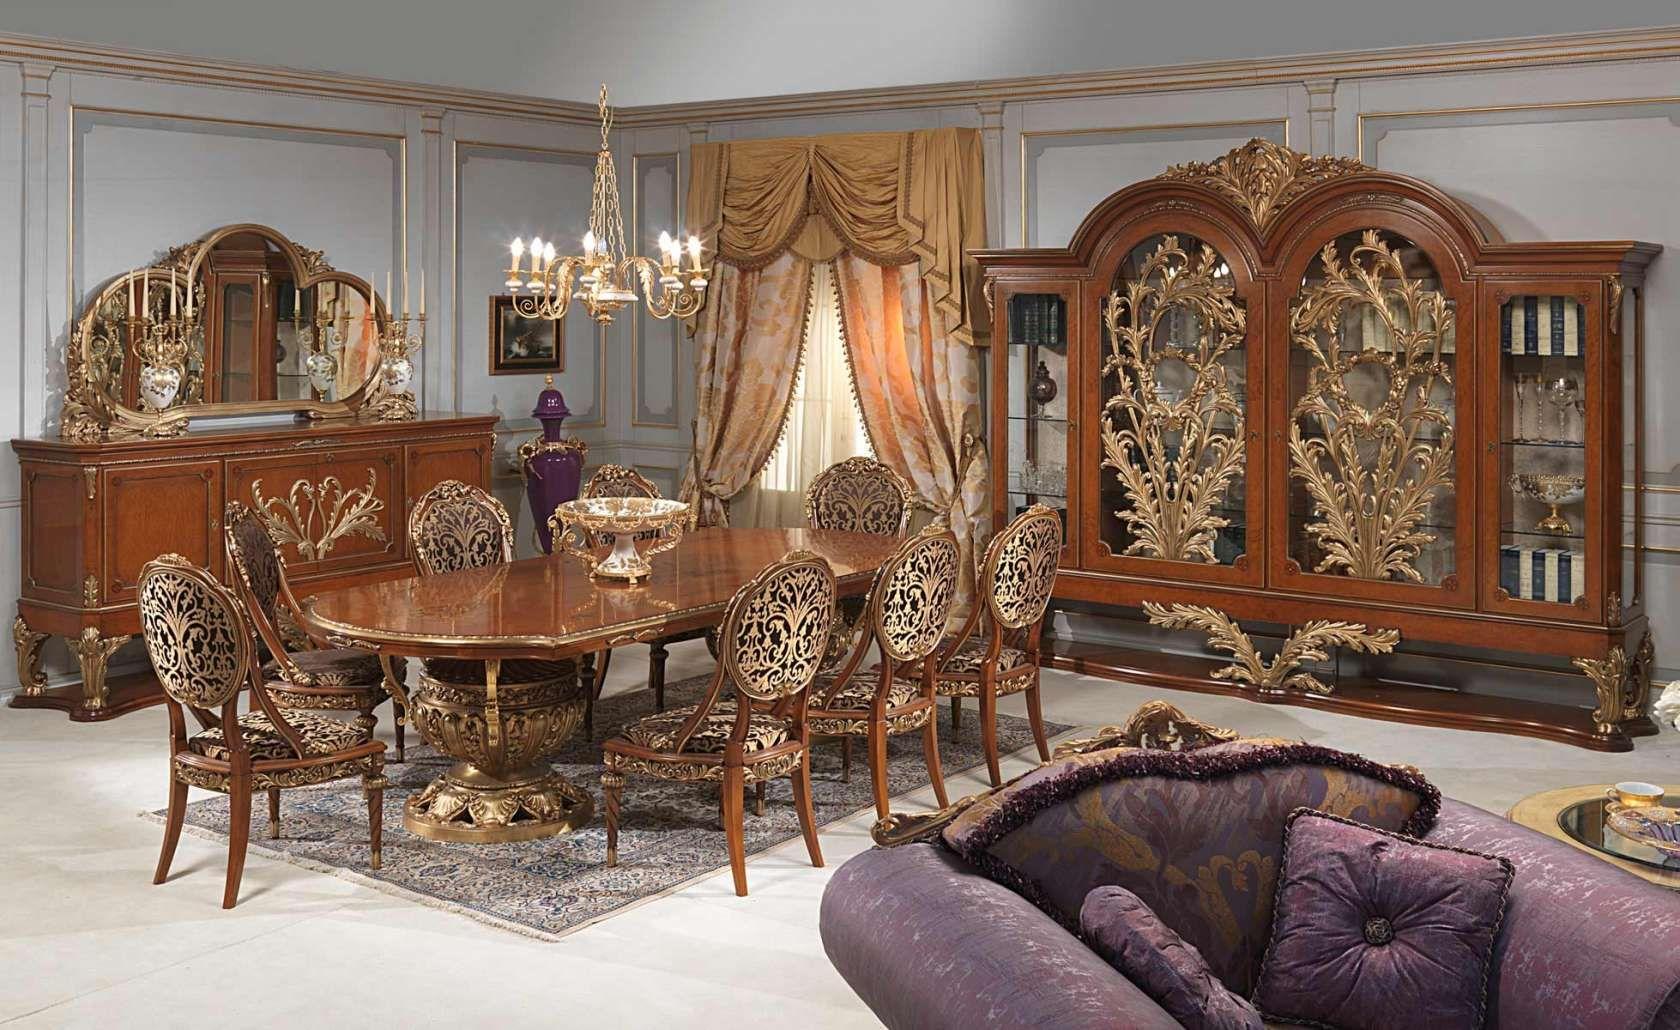 Sala da pranzo Versailles stile Luigi XVI | Luxury Dining Rooms ...